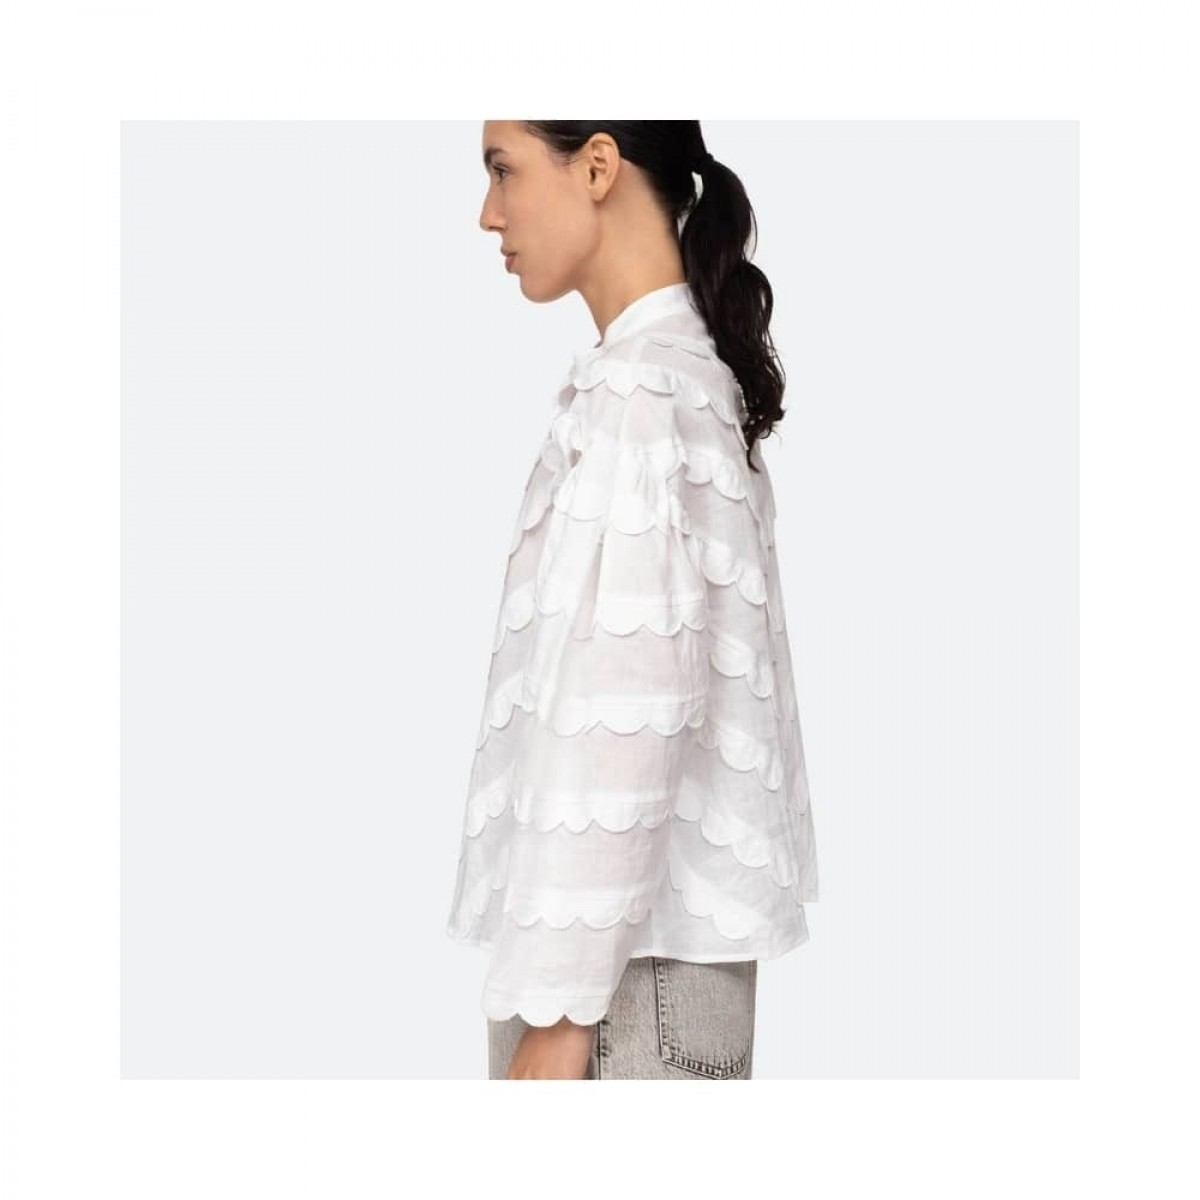 shannon scallop skjorte - white - model fra siden